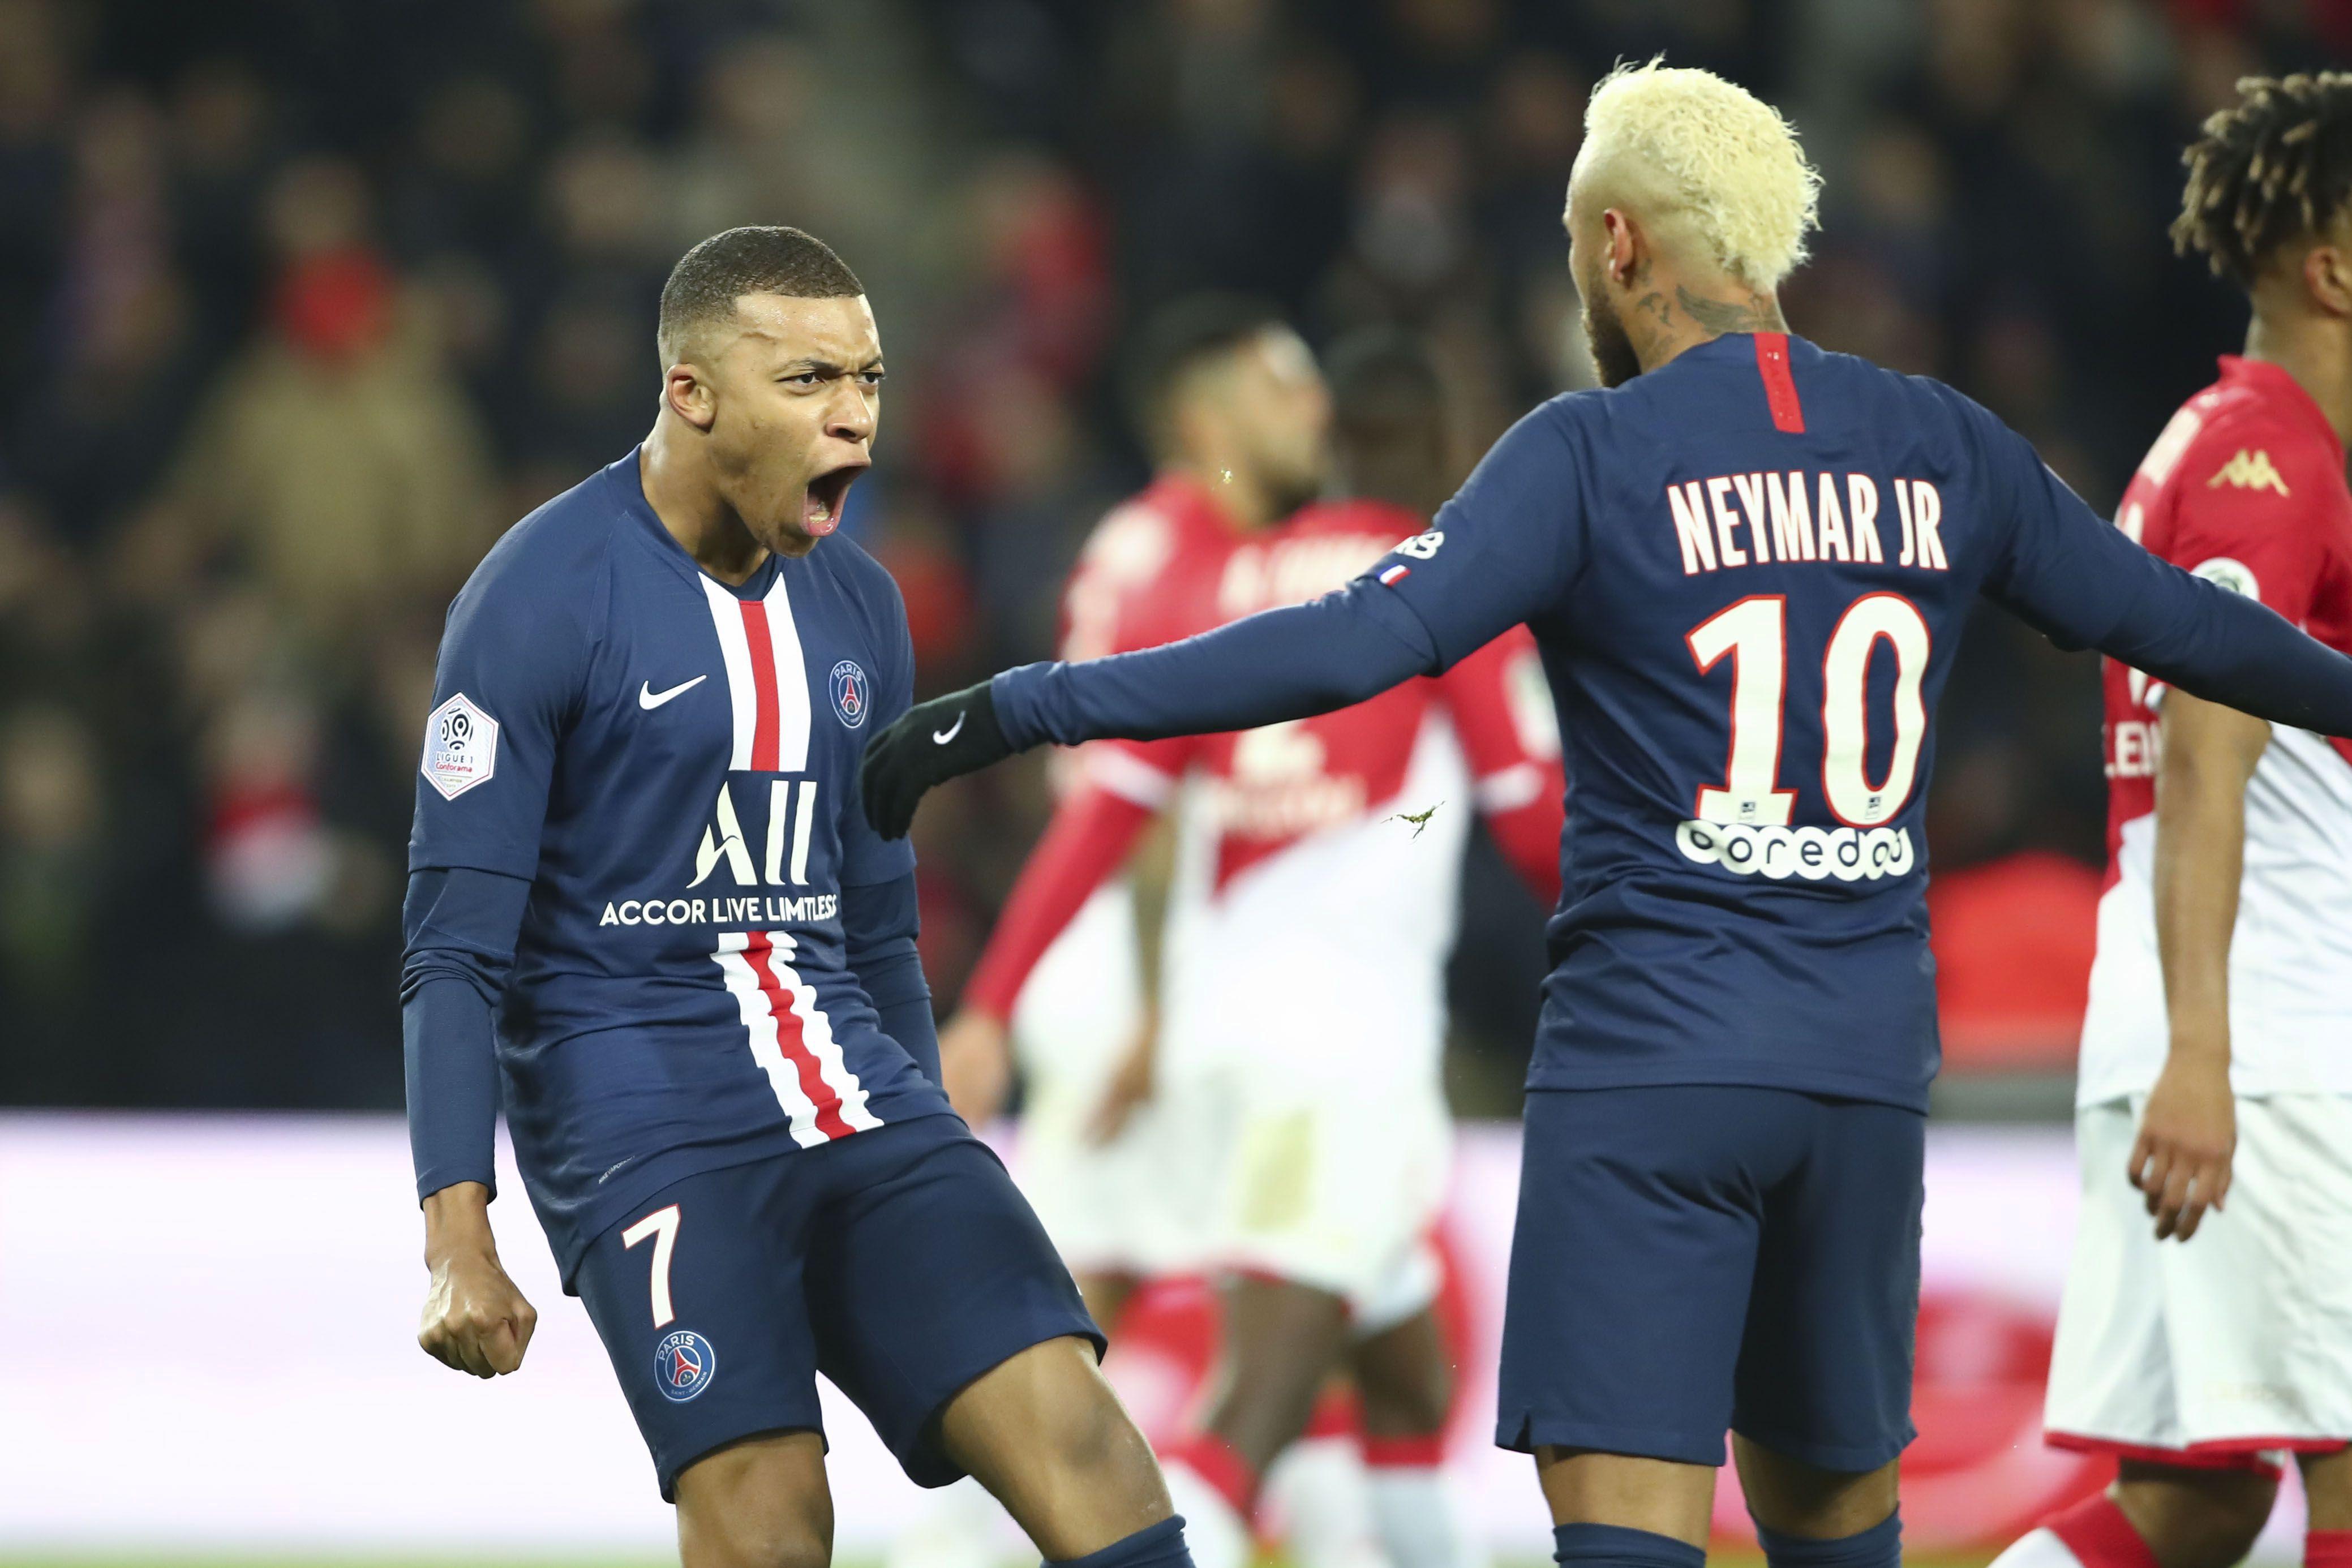 Football - Ligue des champions - Mbappé, Neymar, les deux joueurs les plus chers parmi les clubs champions en Europe sont... Parisiens !